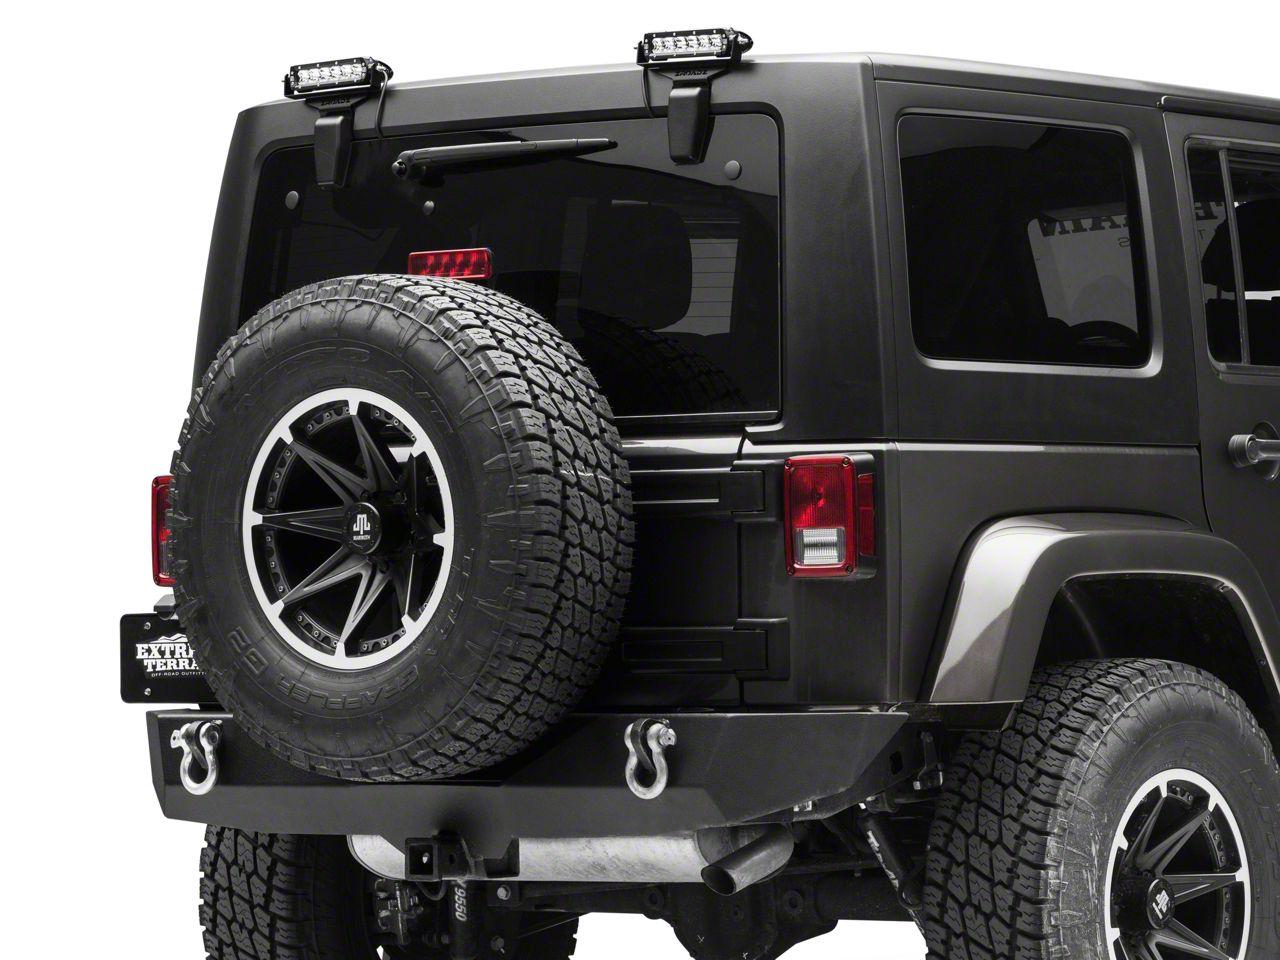 ZRoadz Two 6 in. LED Light Bars w/ Rear Window Hinge Mounting Brackets (07-18 Jeep Wrangler JK)